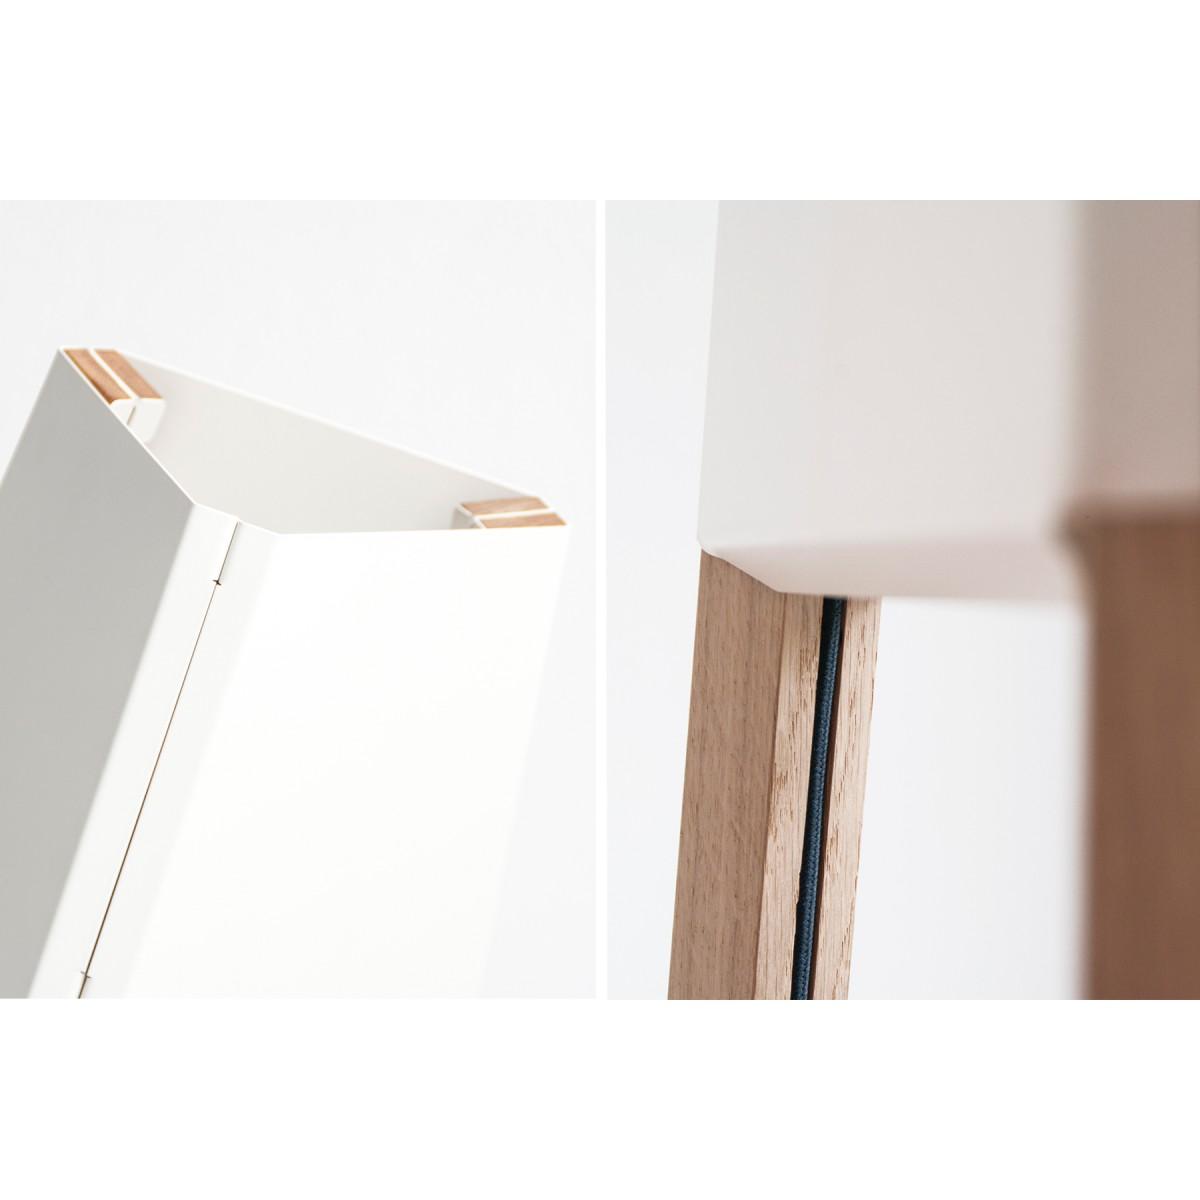 soform design Stehleuchte La3b 50 cm weiß